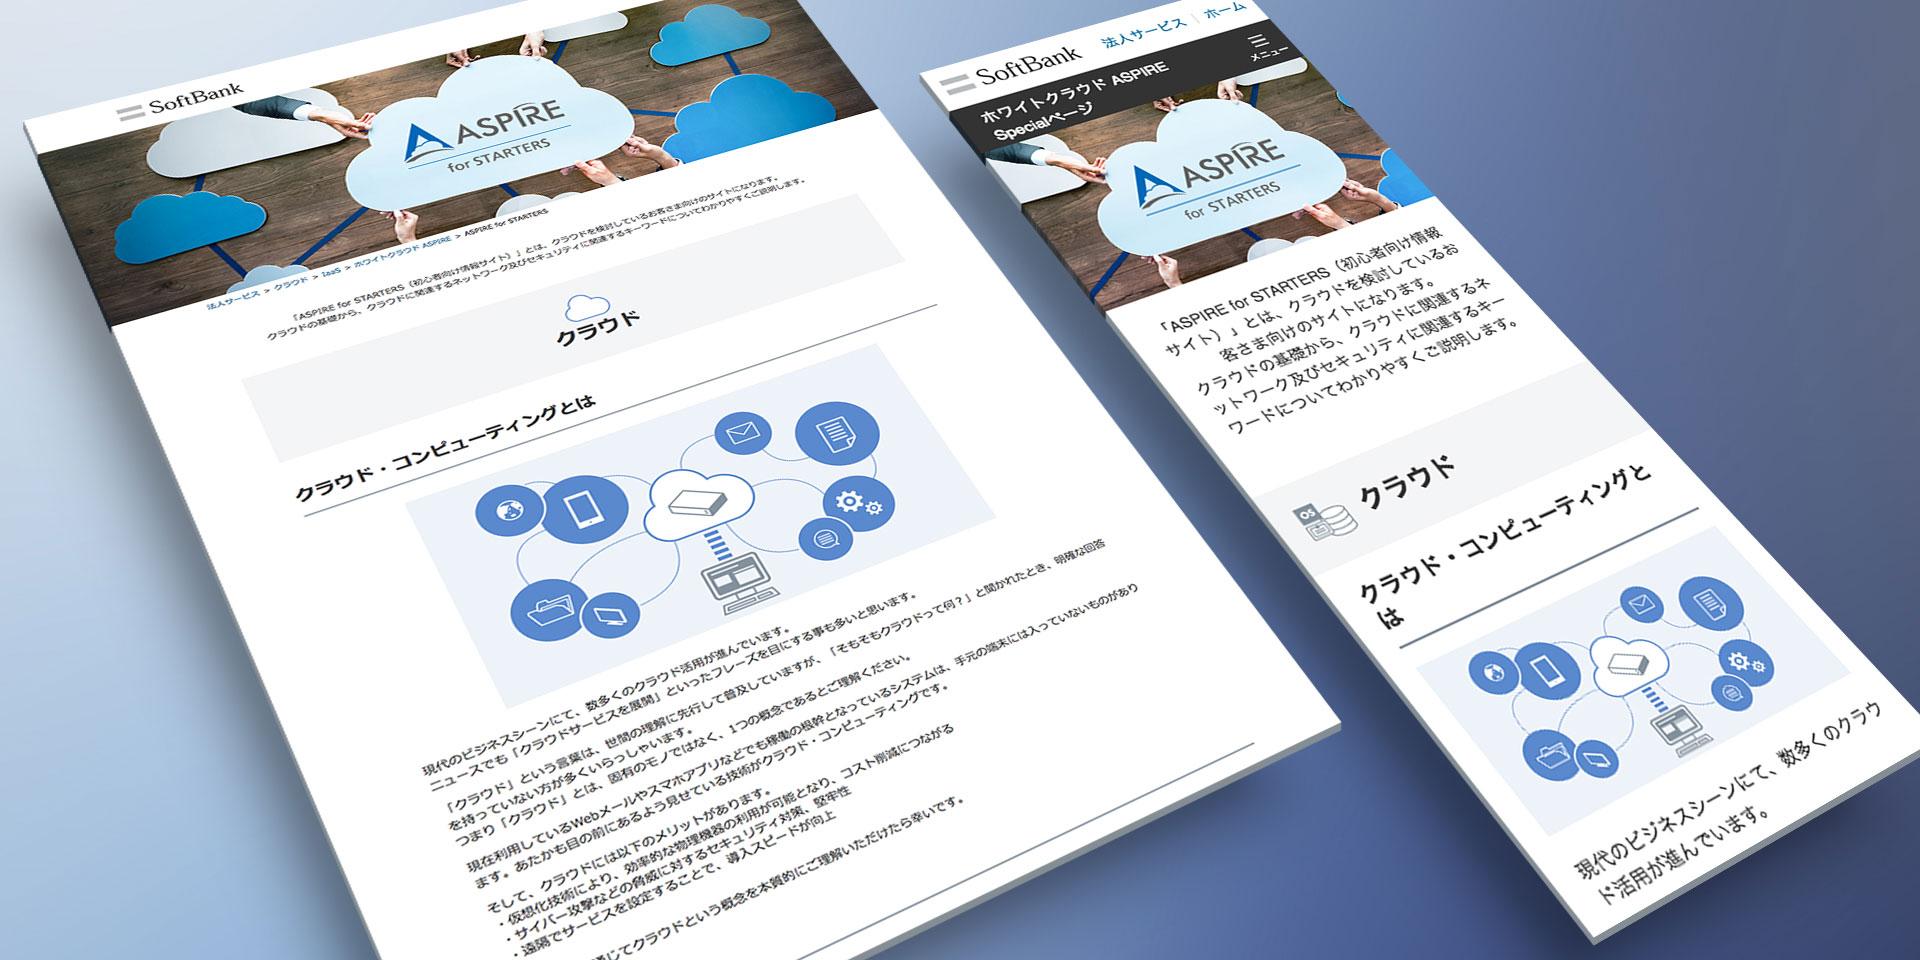 ソフトバンク法人サービスサイト 移設・運用の実績画像